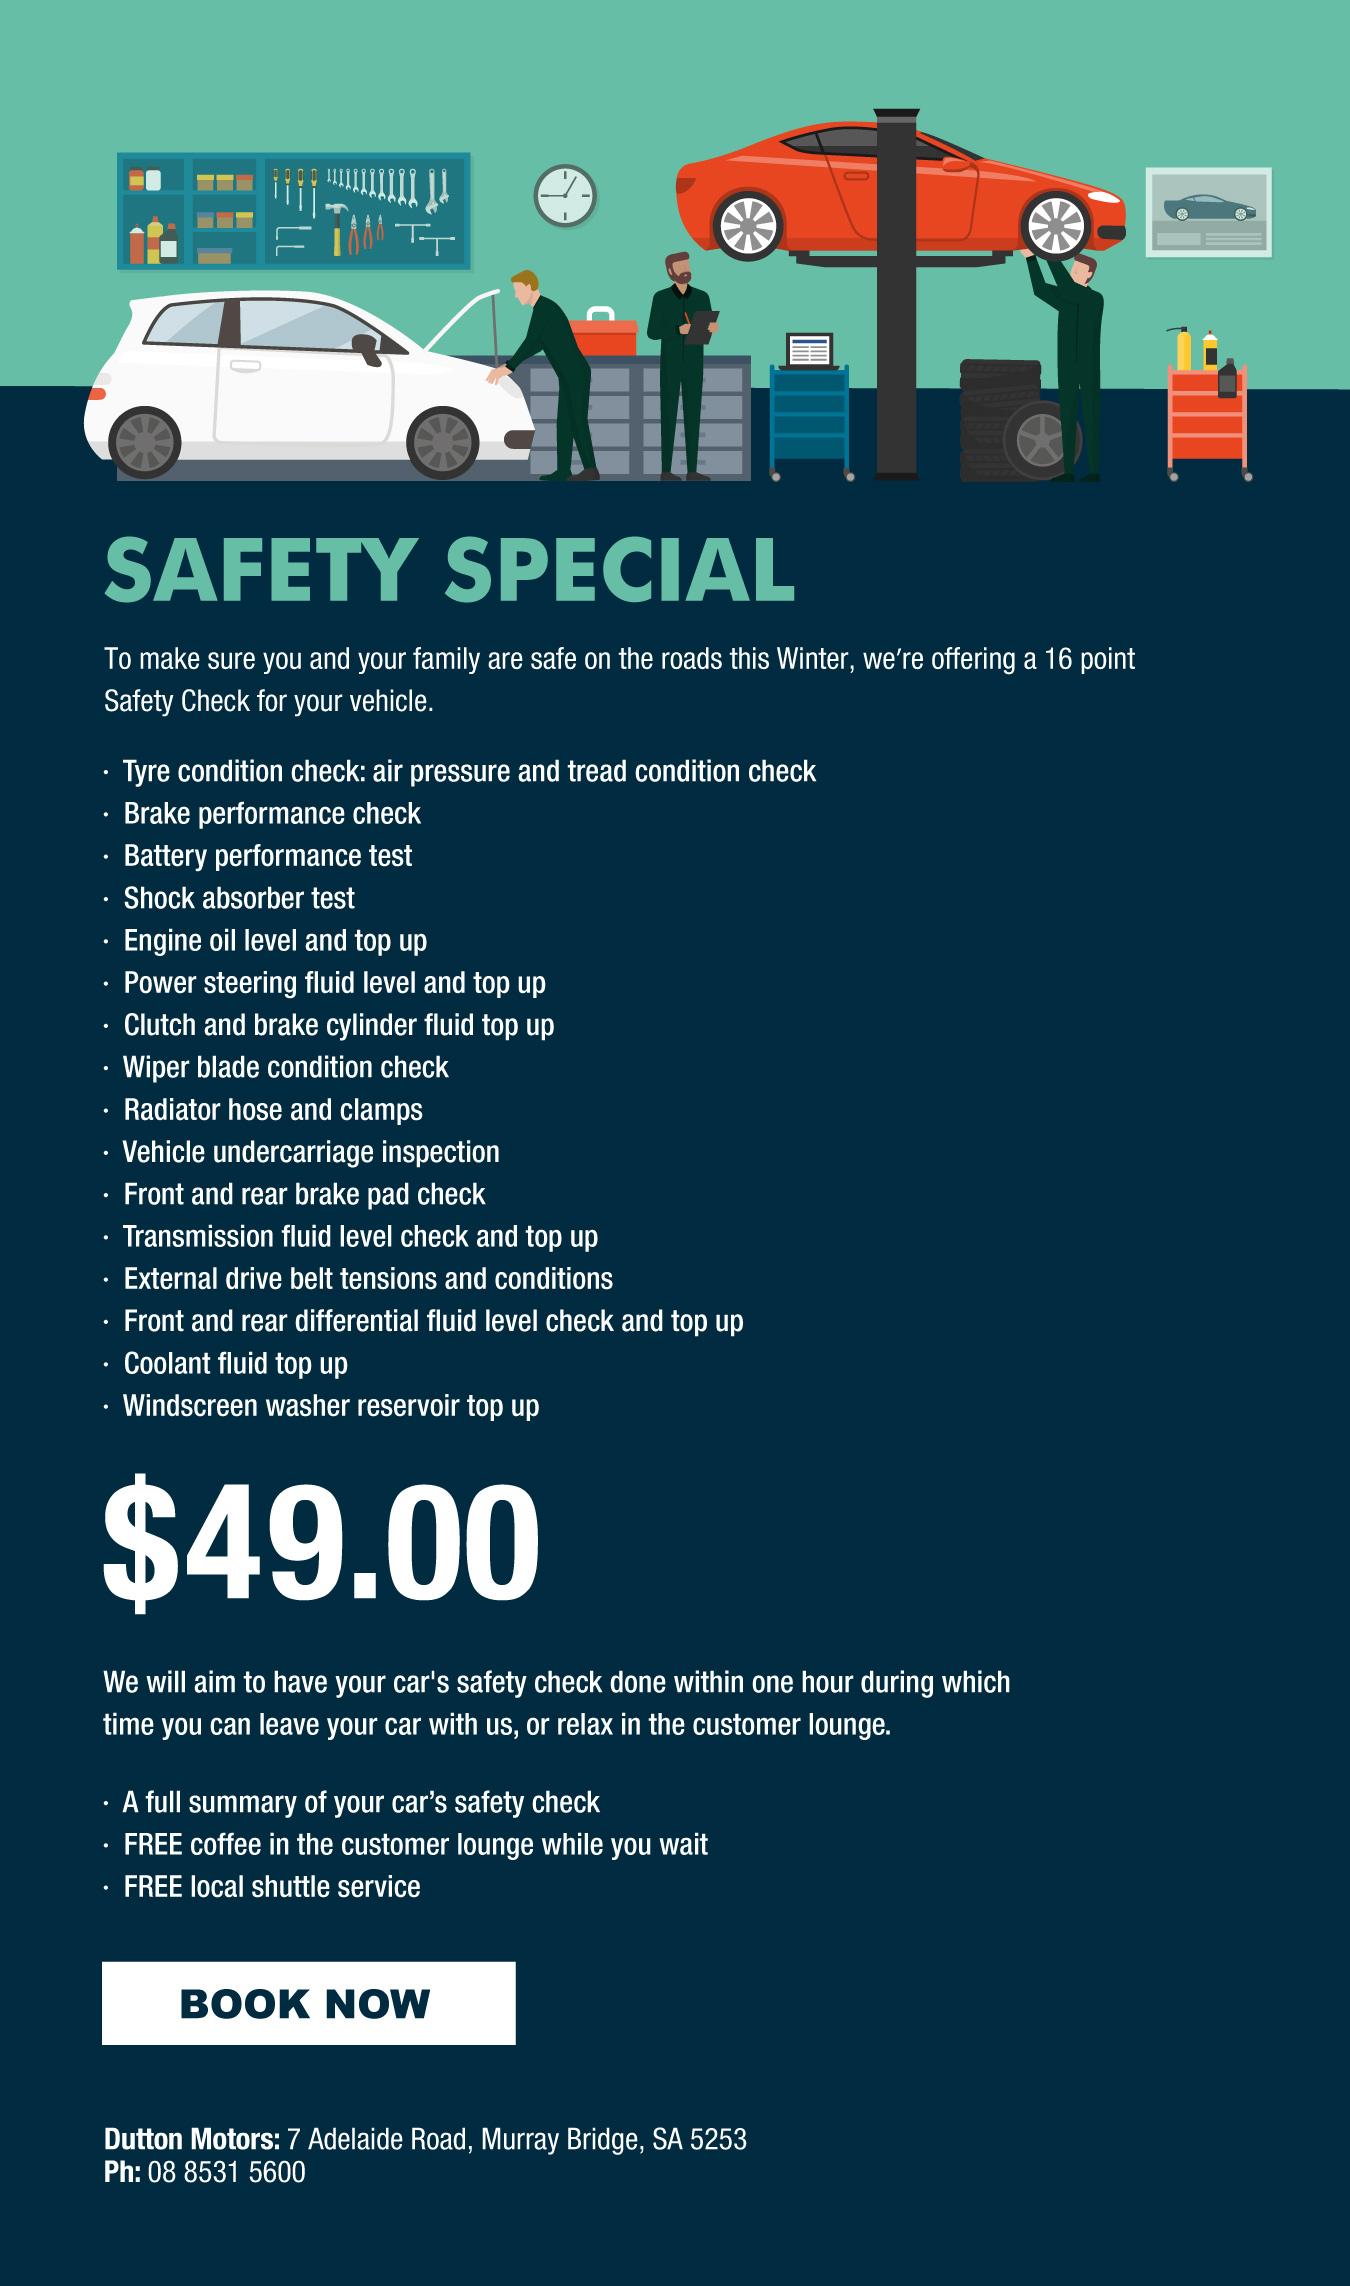 Dutton motors service specials duttons automotive for Subaru motors finance phone number